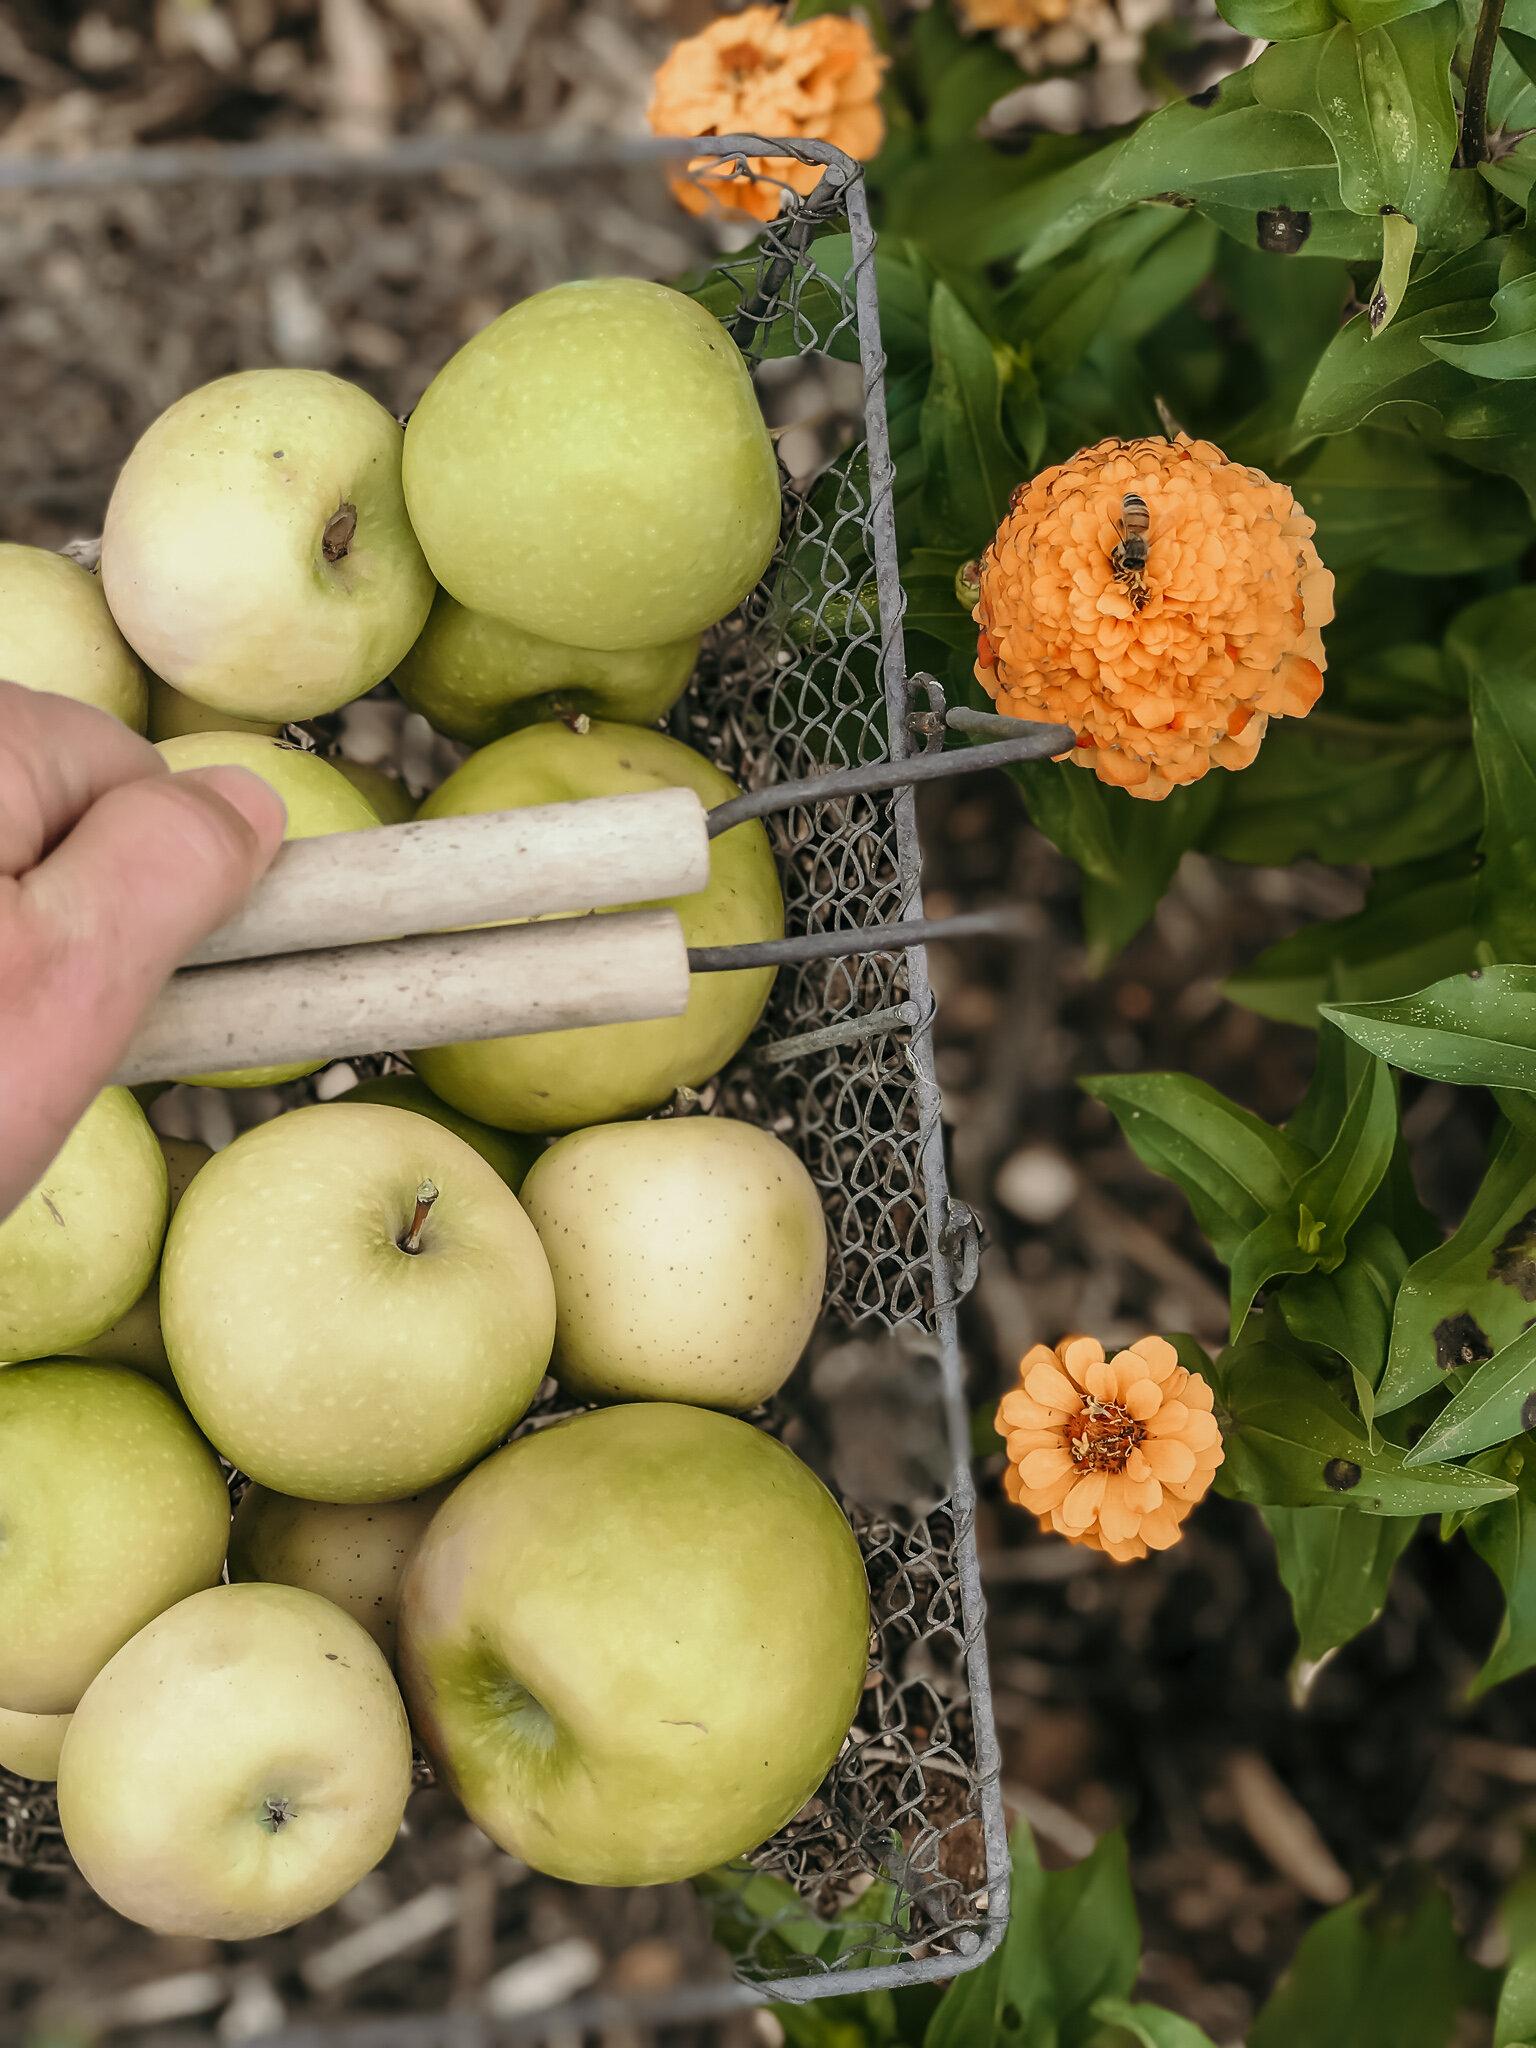 Apple Harvest Apple Pie Blondes#garden, #summergarden, #harvest, #homesteading, #pesto, #diygarden, #gardengoals, #summergardening, #farmtofork, #nutrition, #homegrown, #farmtotable, #homegrownfood, #healthyfood, #healthyrecipes, #falldesserts, #apples, #appledessert, #applepie, #appleblondie, #brownie, #applepie